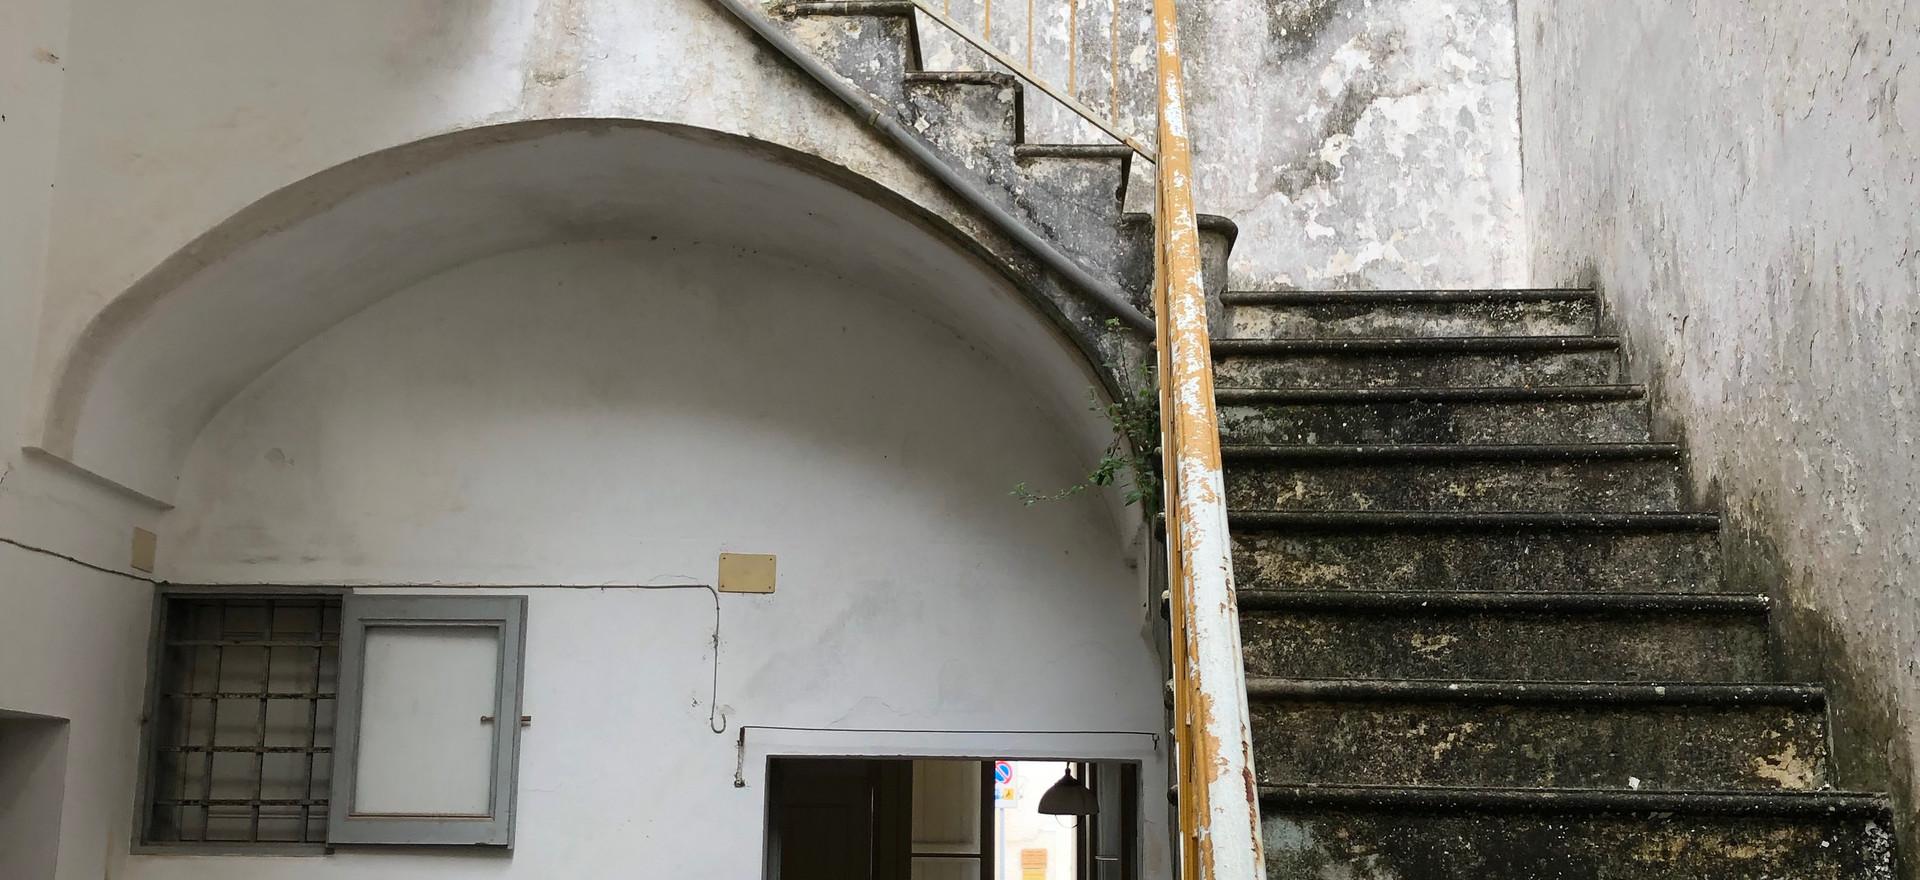 central open atrium